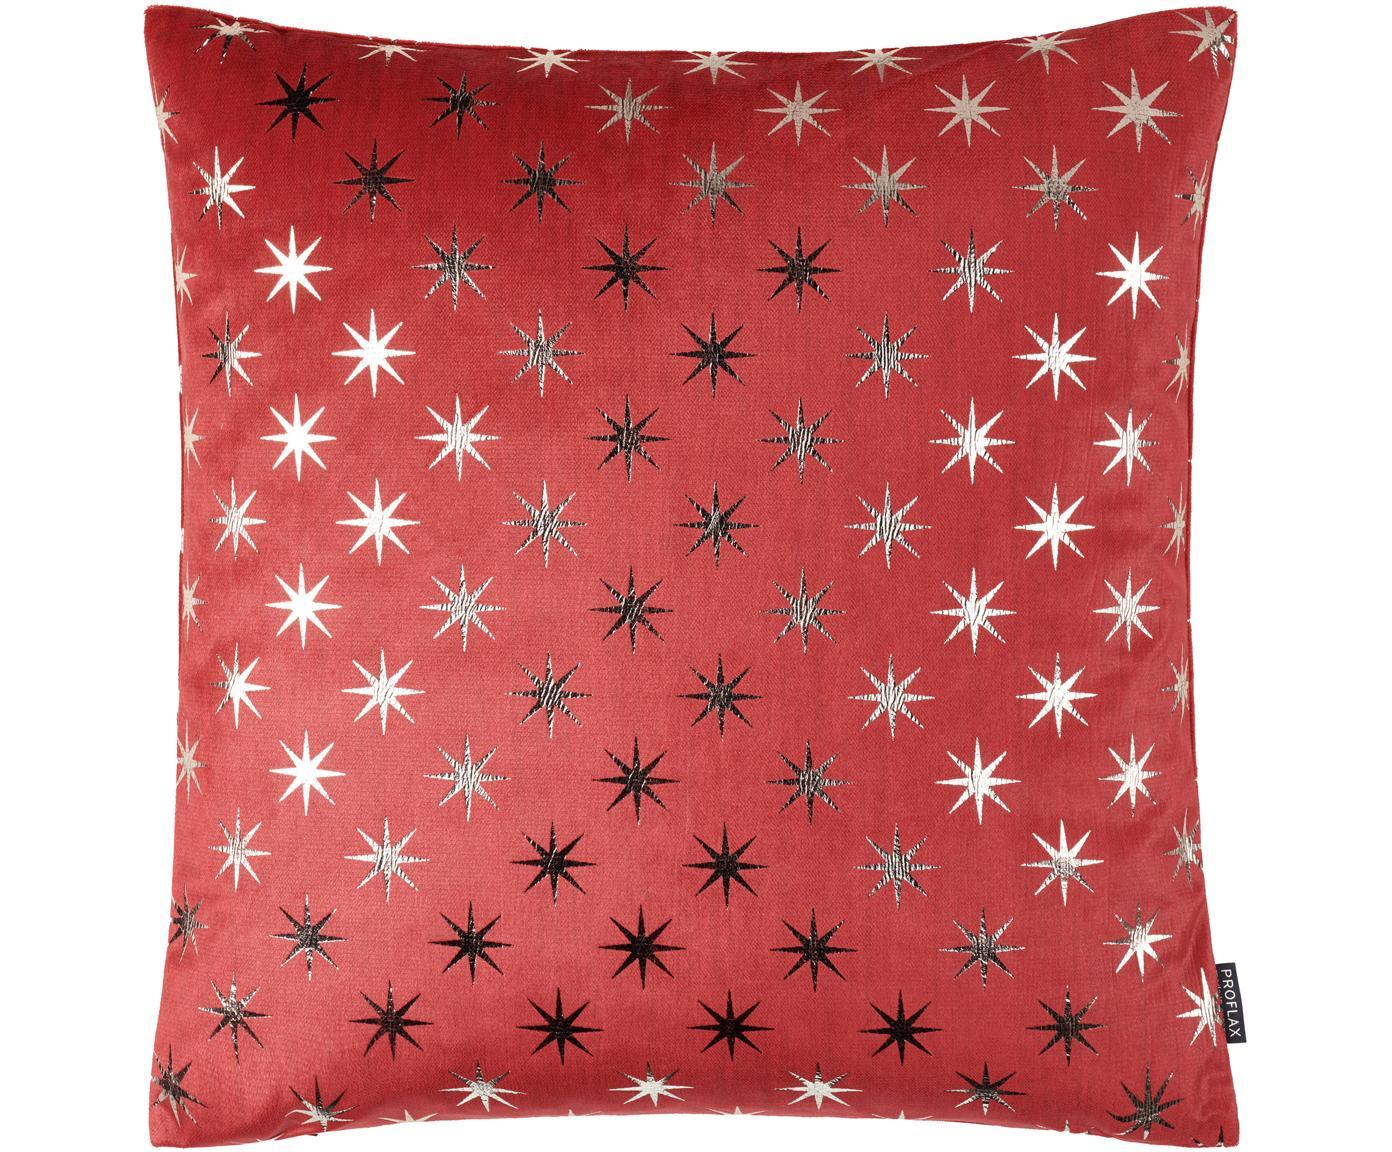 Kussenhoes Cosmos met zilveren sterren, Polyester, Rood, zilverkleurig, 40 x 40 cm